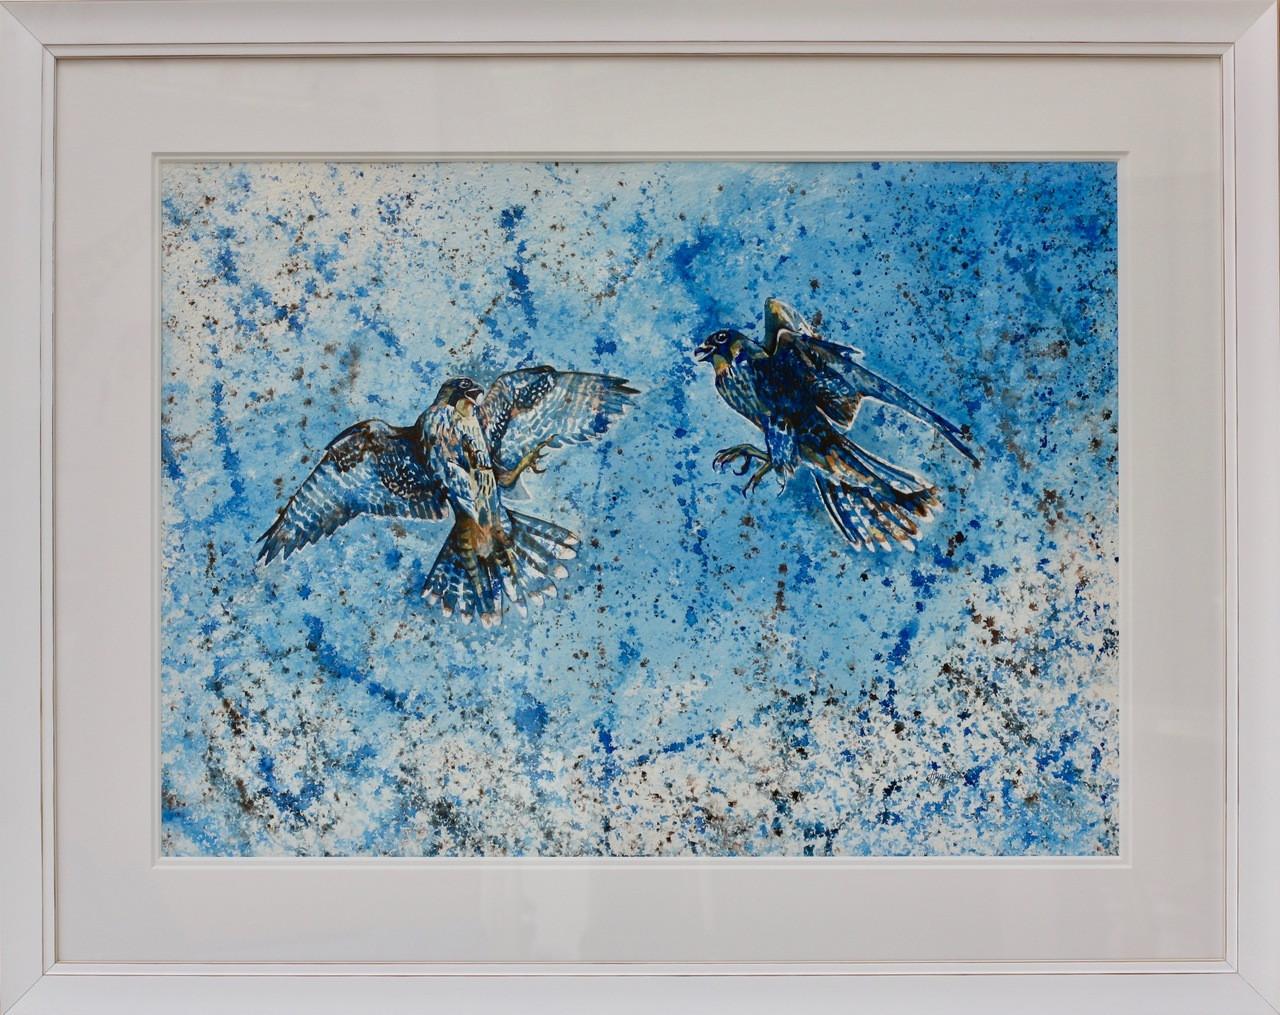 Peregine Falcons framed